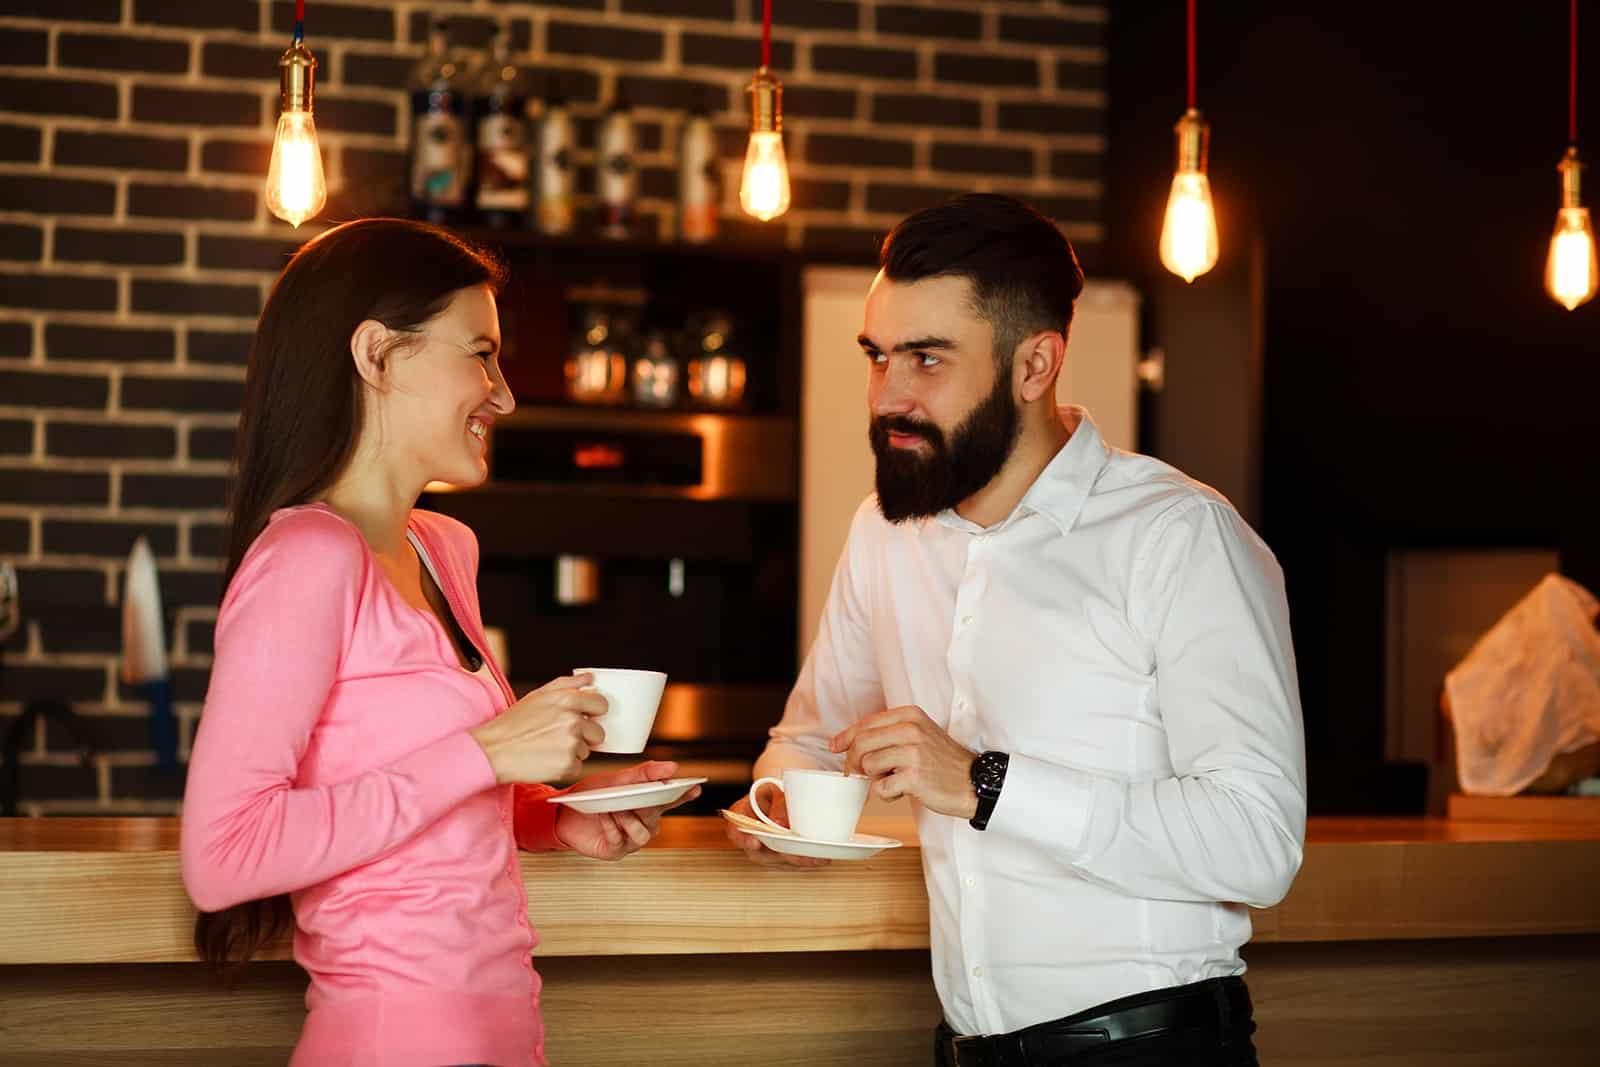 Ein lächelnder Mann und eine lächelnde Frau, die sich ansehen und im Café flirten